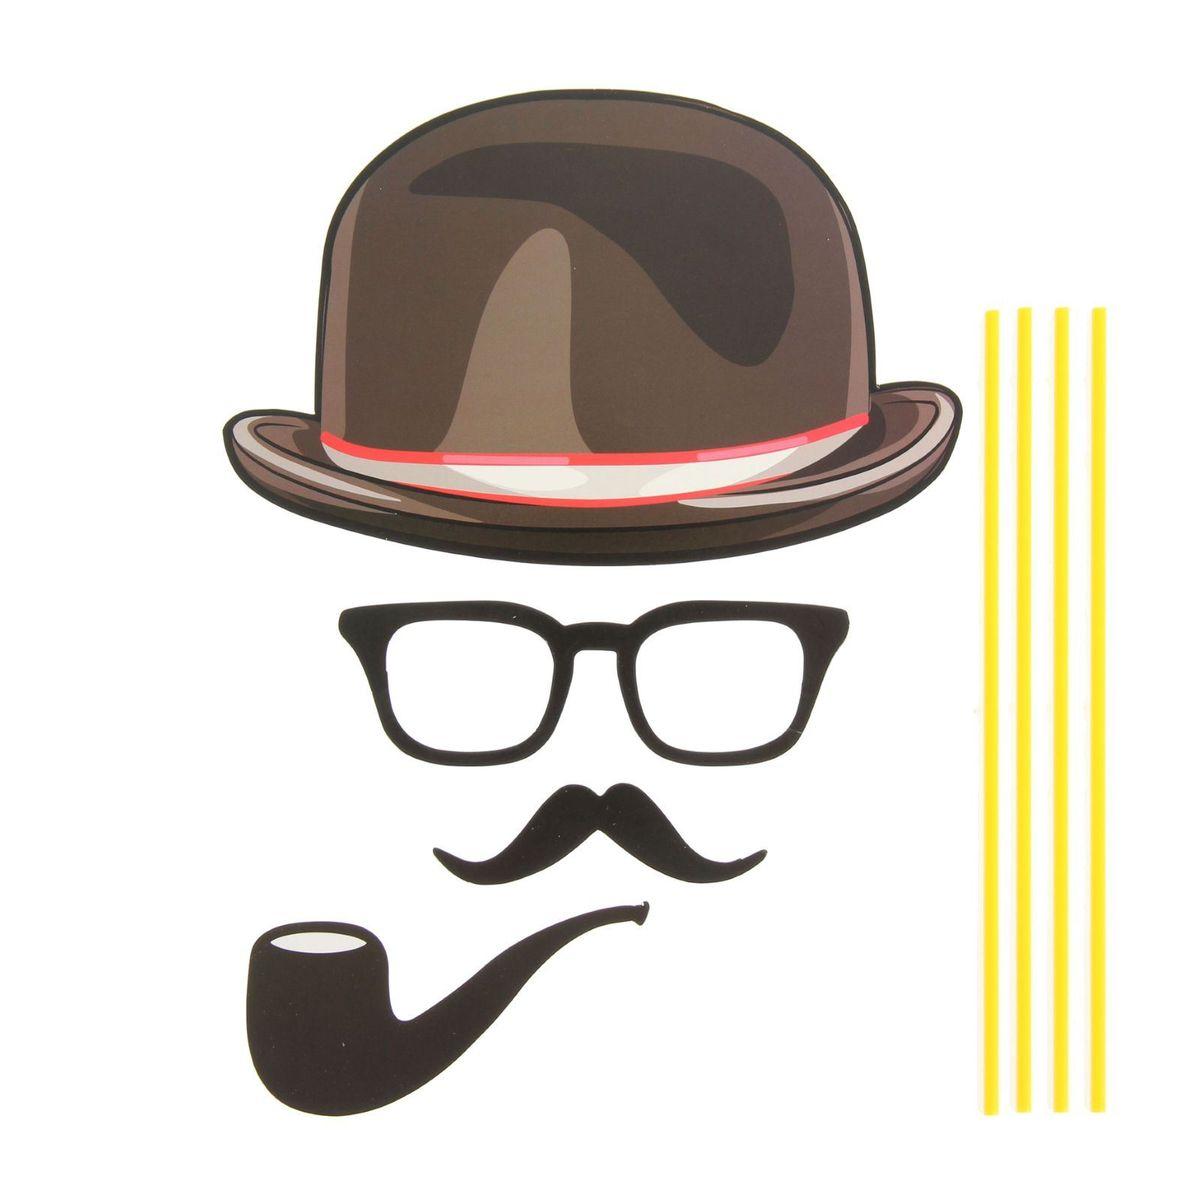 Карнавальный набор для фотосессии Страна Карнавалия  Джентльмен , 4 предмета: шляпа, очки, усы, трубка -  Карнавальные костюмы и аксессуары